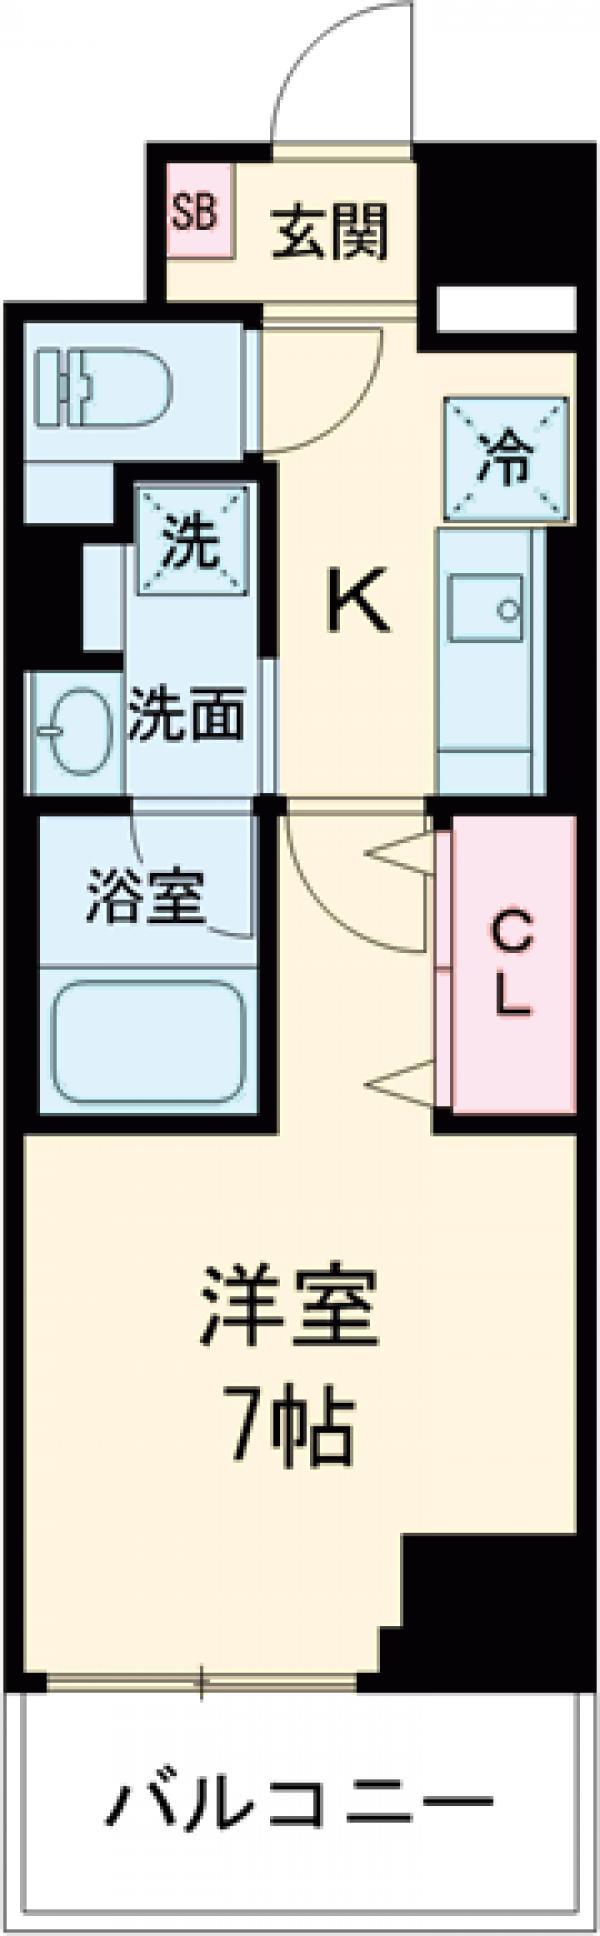 ロイジェント上野桜木・203号室の間取り